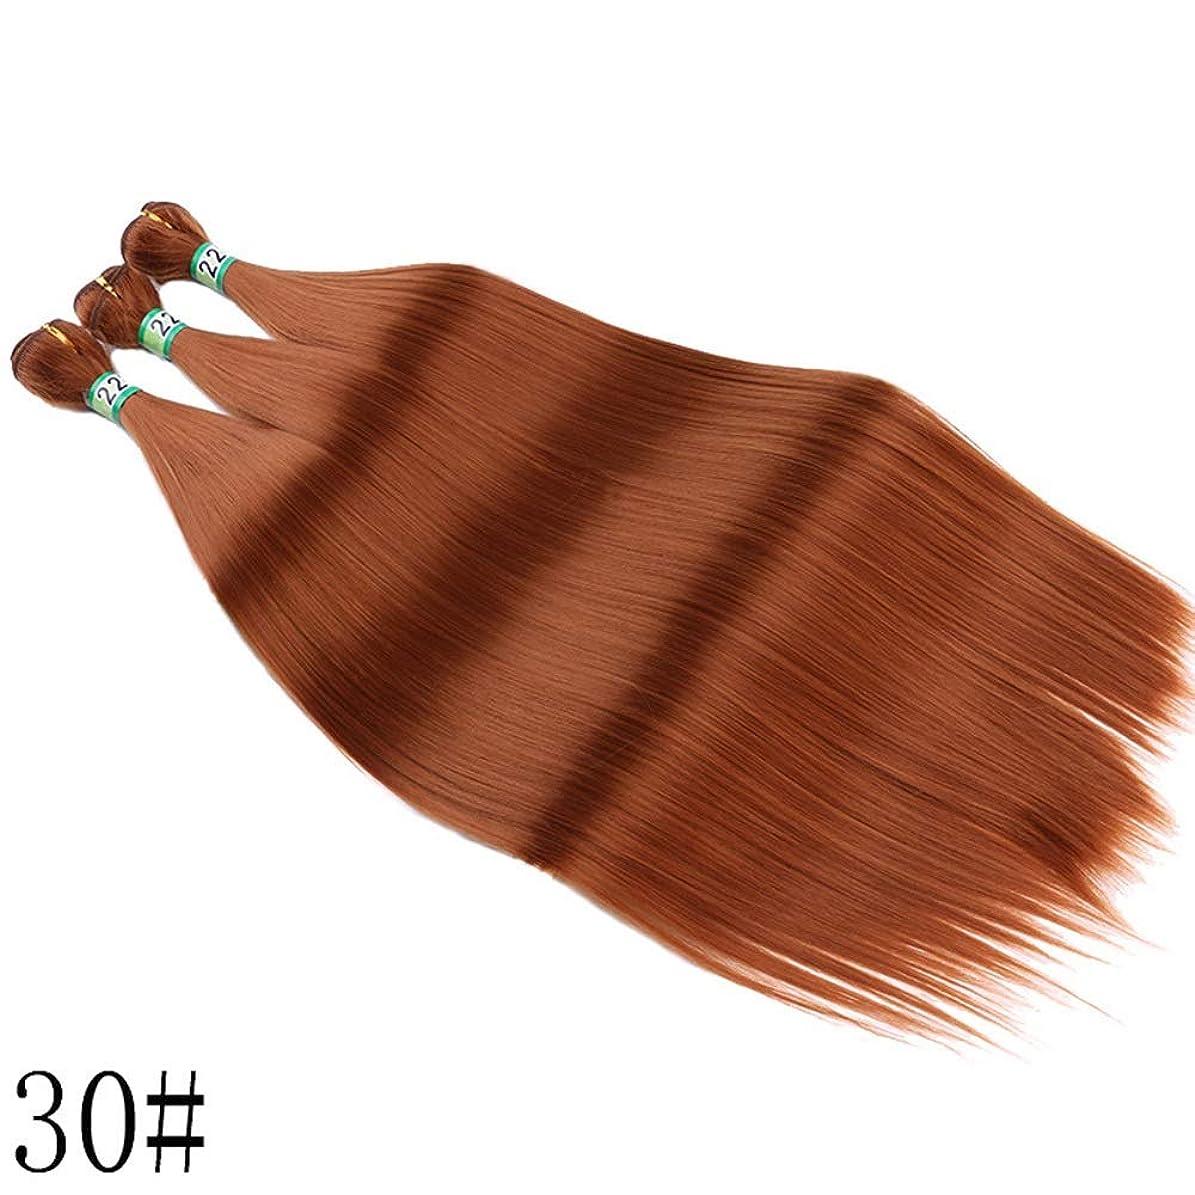 特定の合図香りBOBIDYEE 3バンドル合成髪織りヘアエクステンション女性のための耐熱性繊維シルキーストレートヘアコンポジットヘアレースかつらロールプレイングウィッグロングとショート女性自然 (色 : ブラウン, サイズ : 24inch)